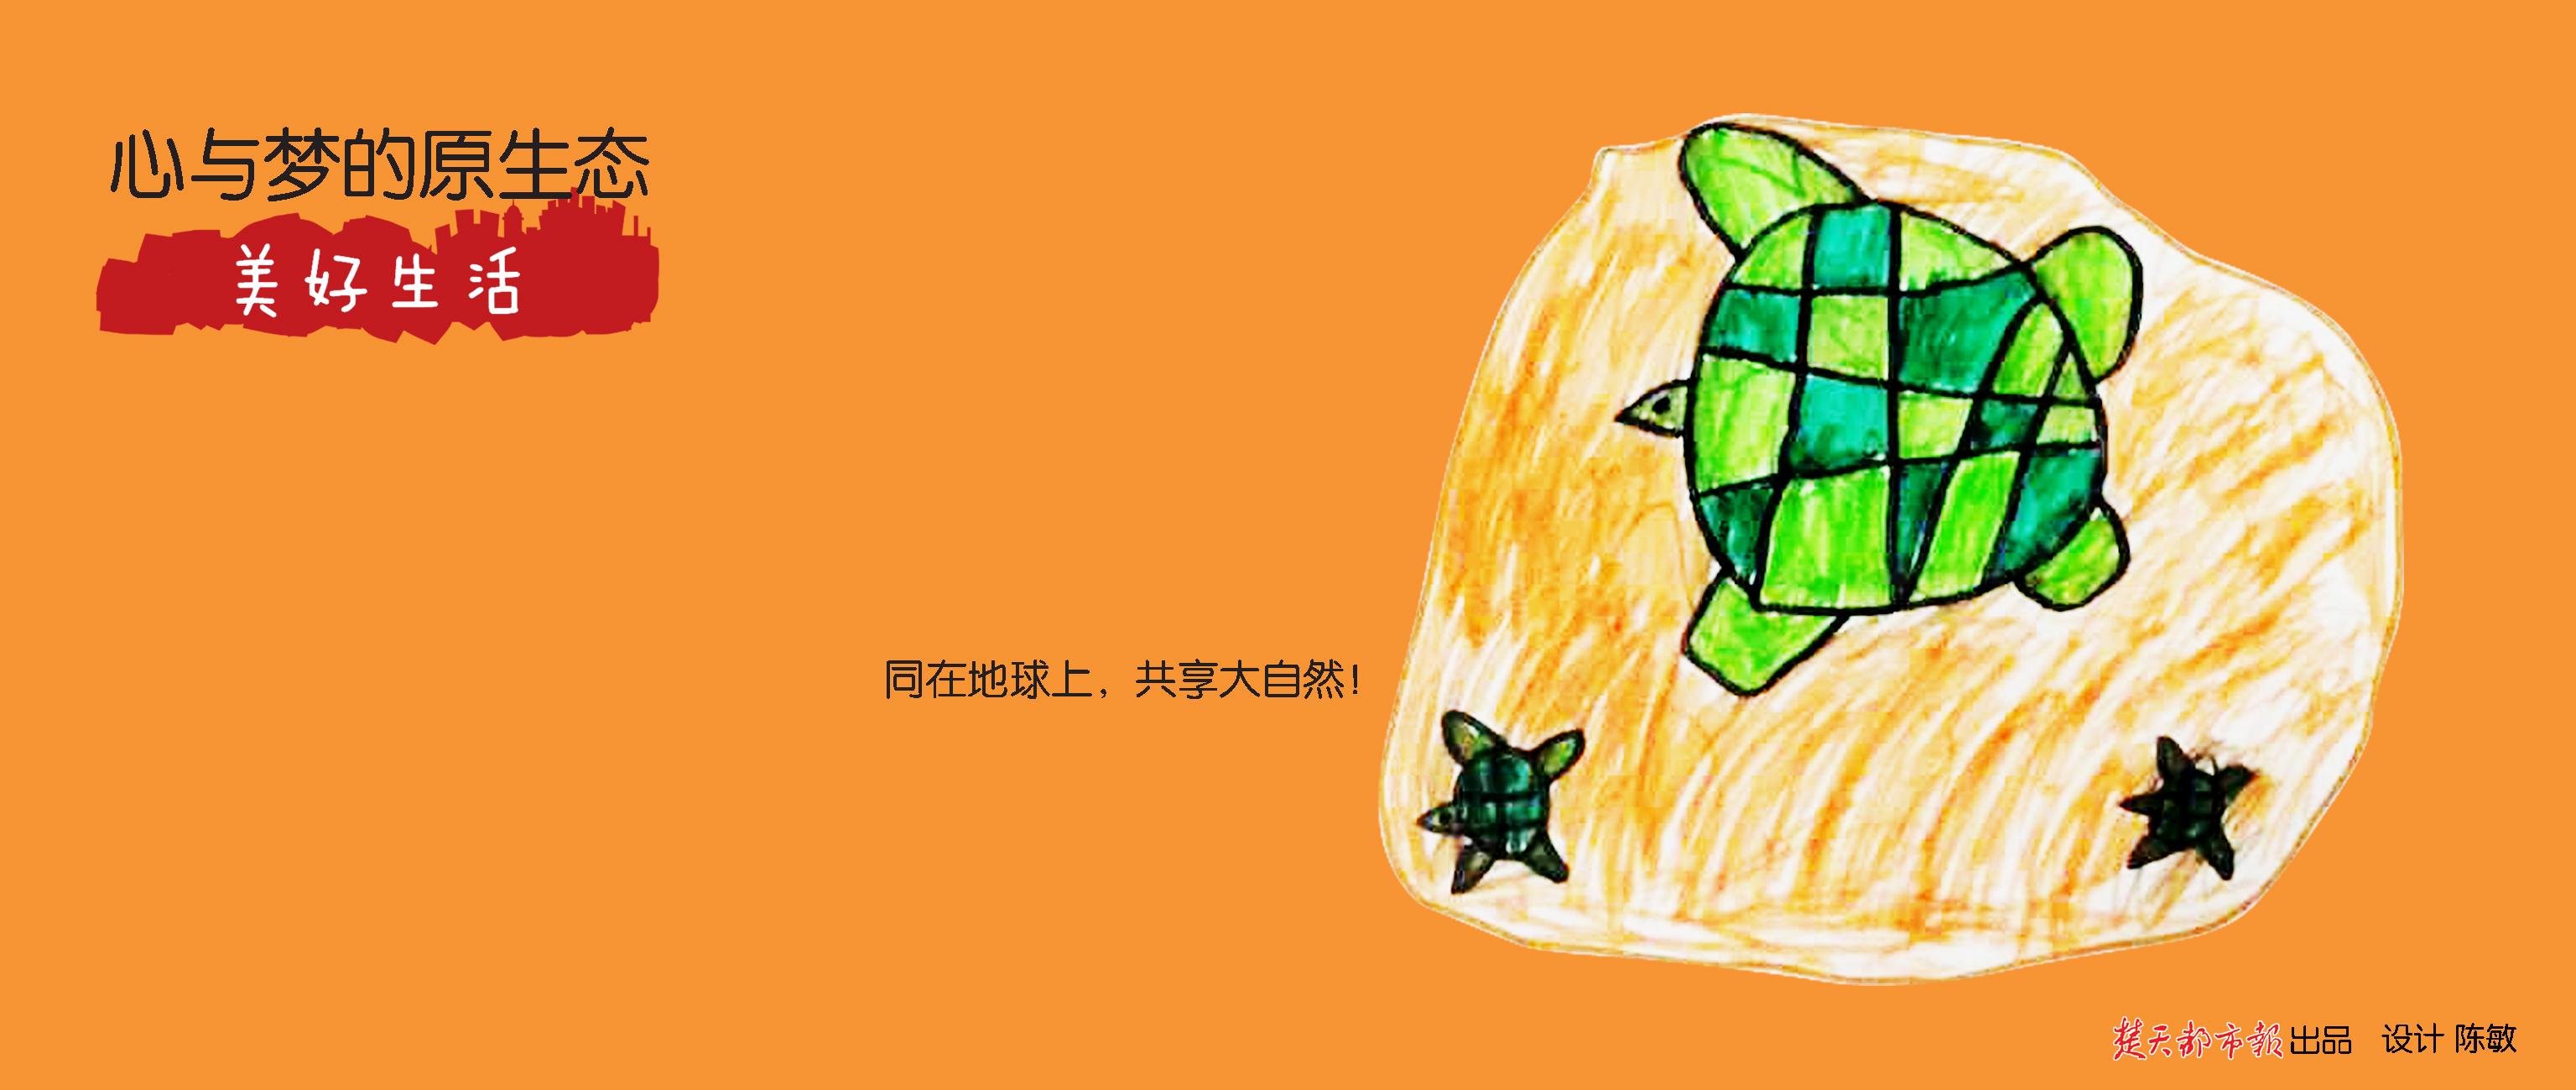 创意说明:《心与梦的原生态·美好生活》系列招贴公益广告图片